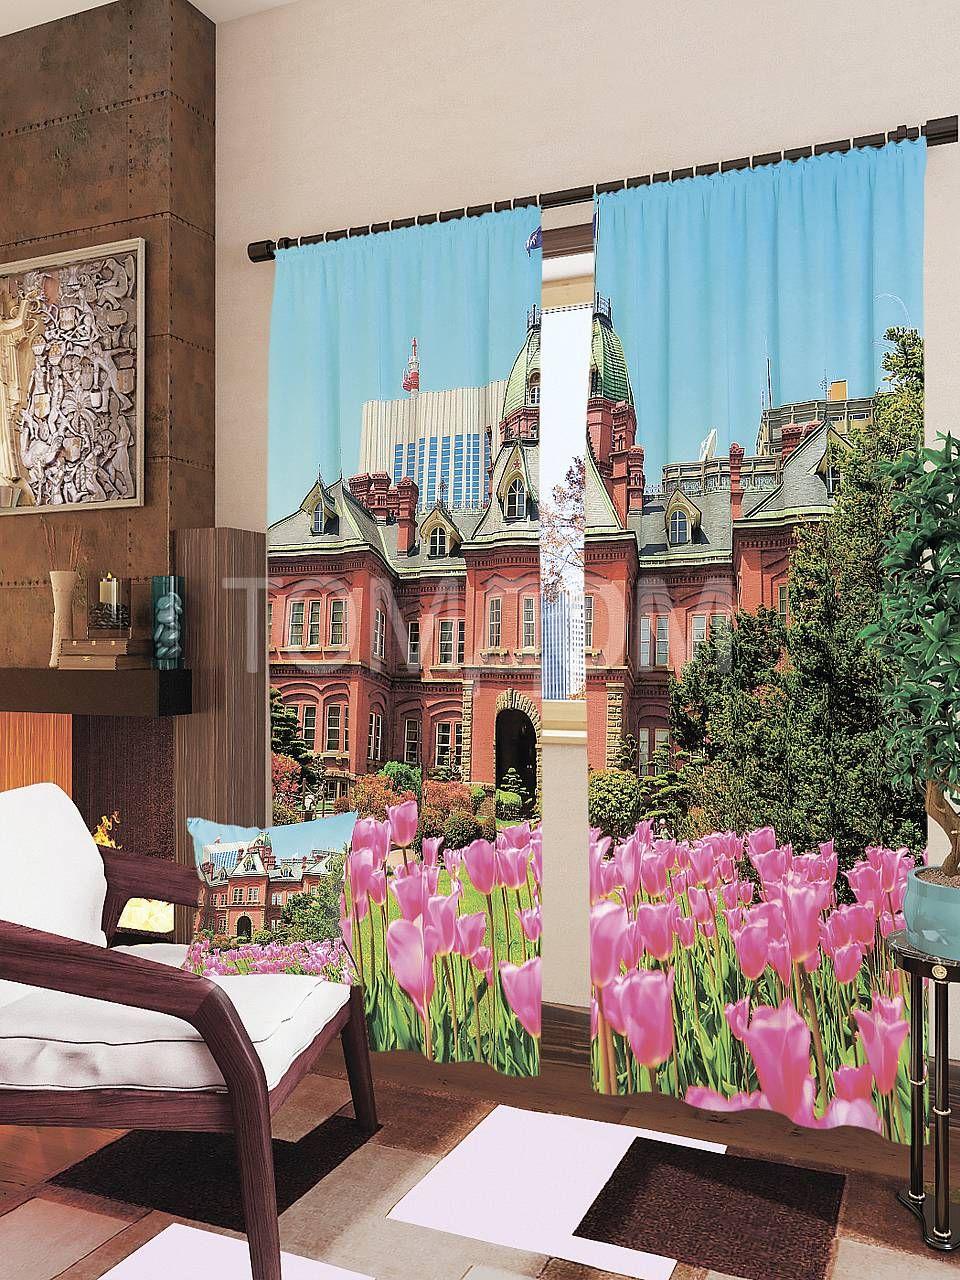 """Комплект штор """"Тюльпаны в саду"""": купить комплект штор в интернет-магазине ТОМДОМ #томдом #curtains #шторы #interior #дизайнинтерьера"""